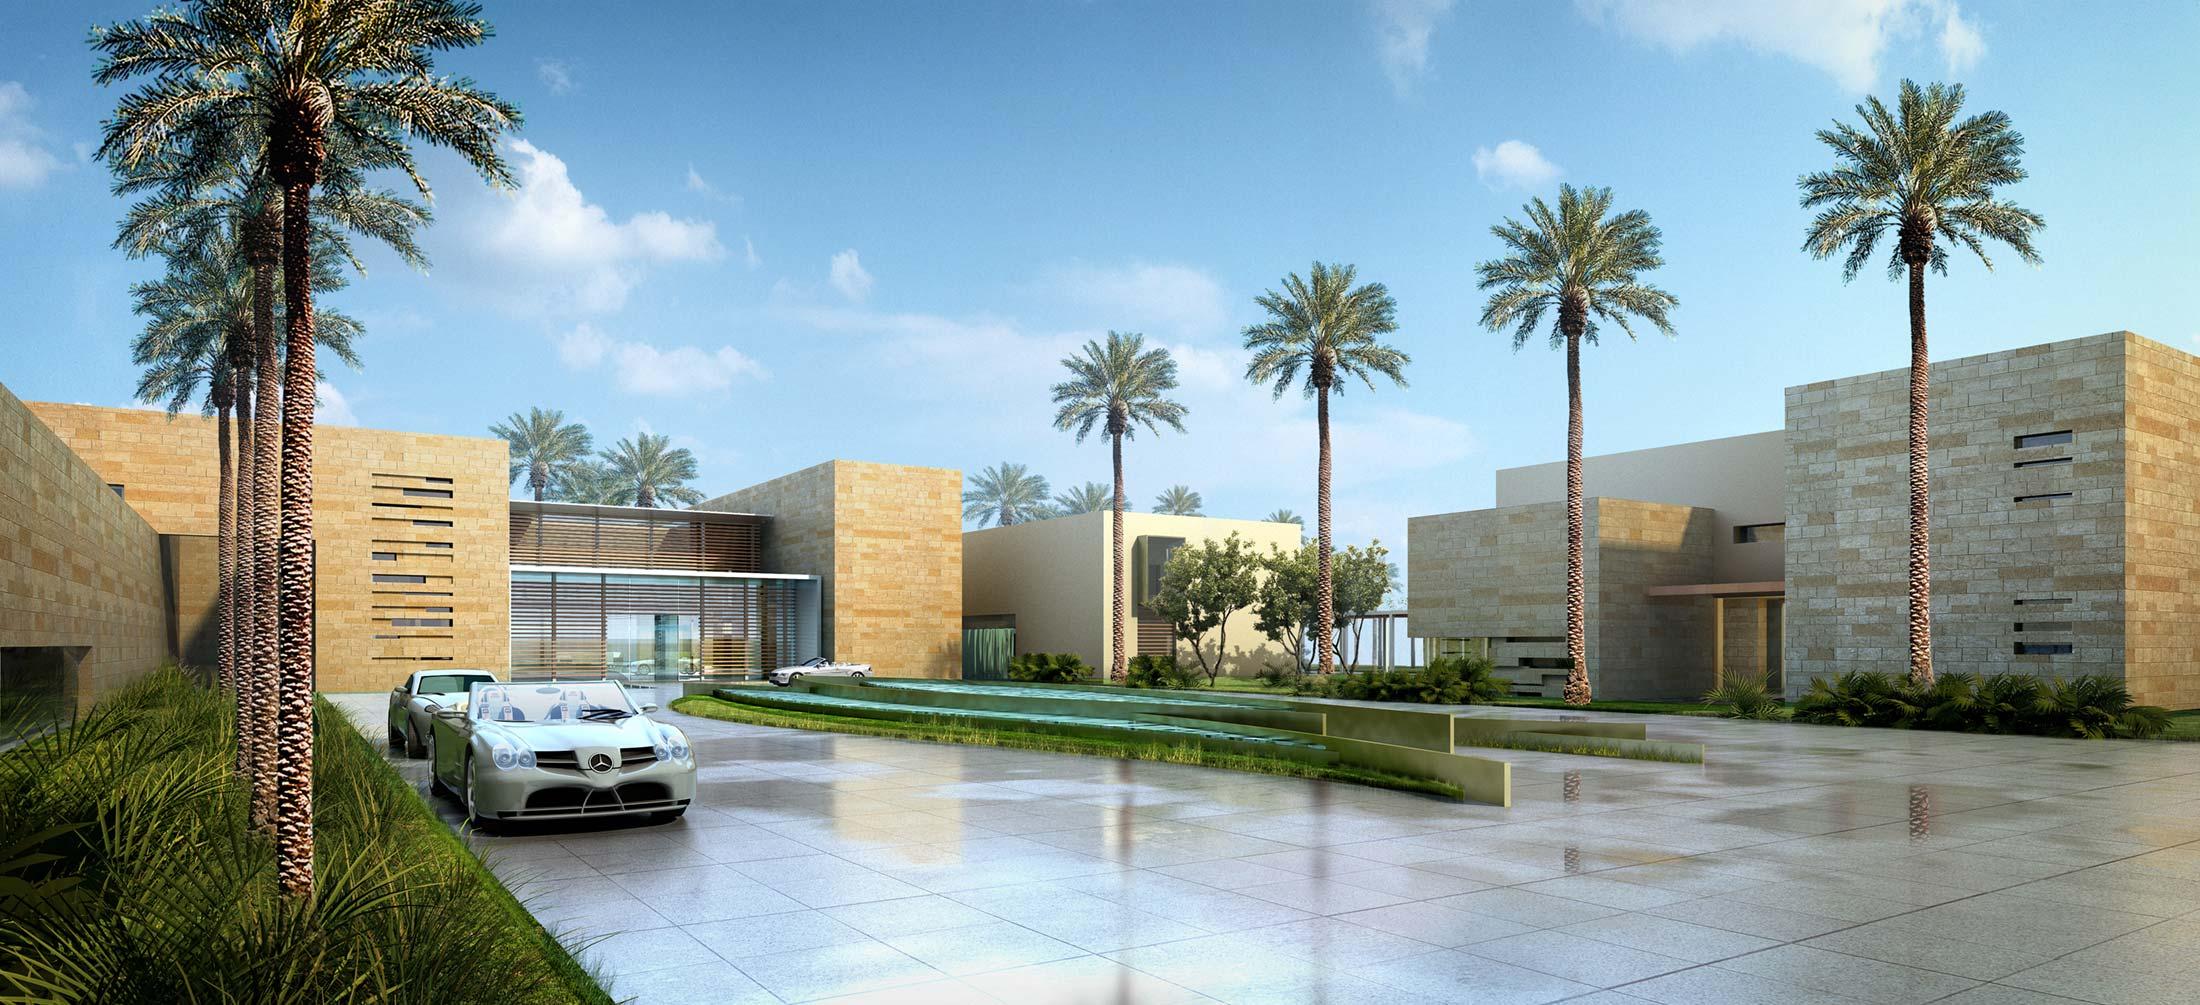 Dubai Villas Shubin Donaldson